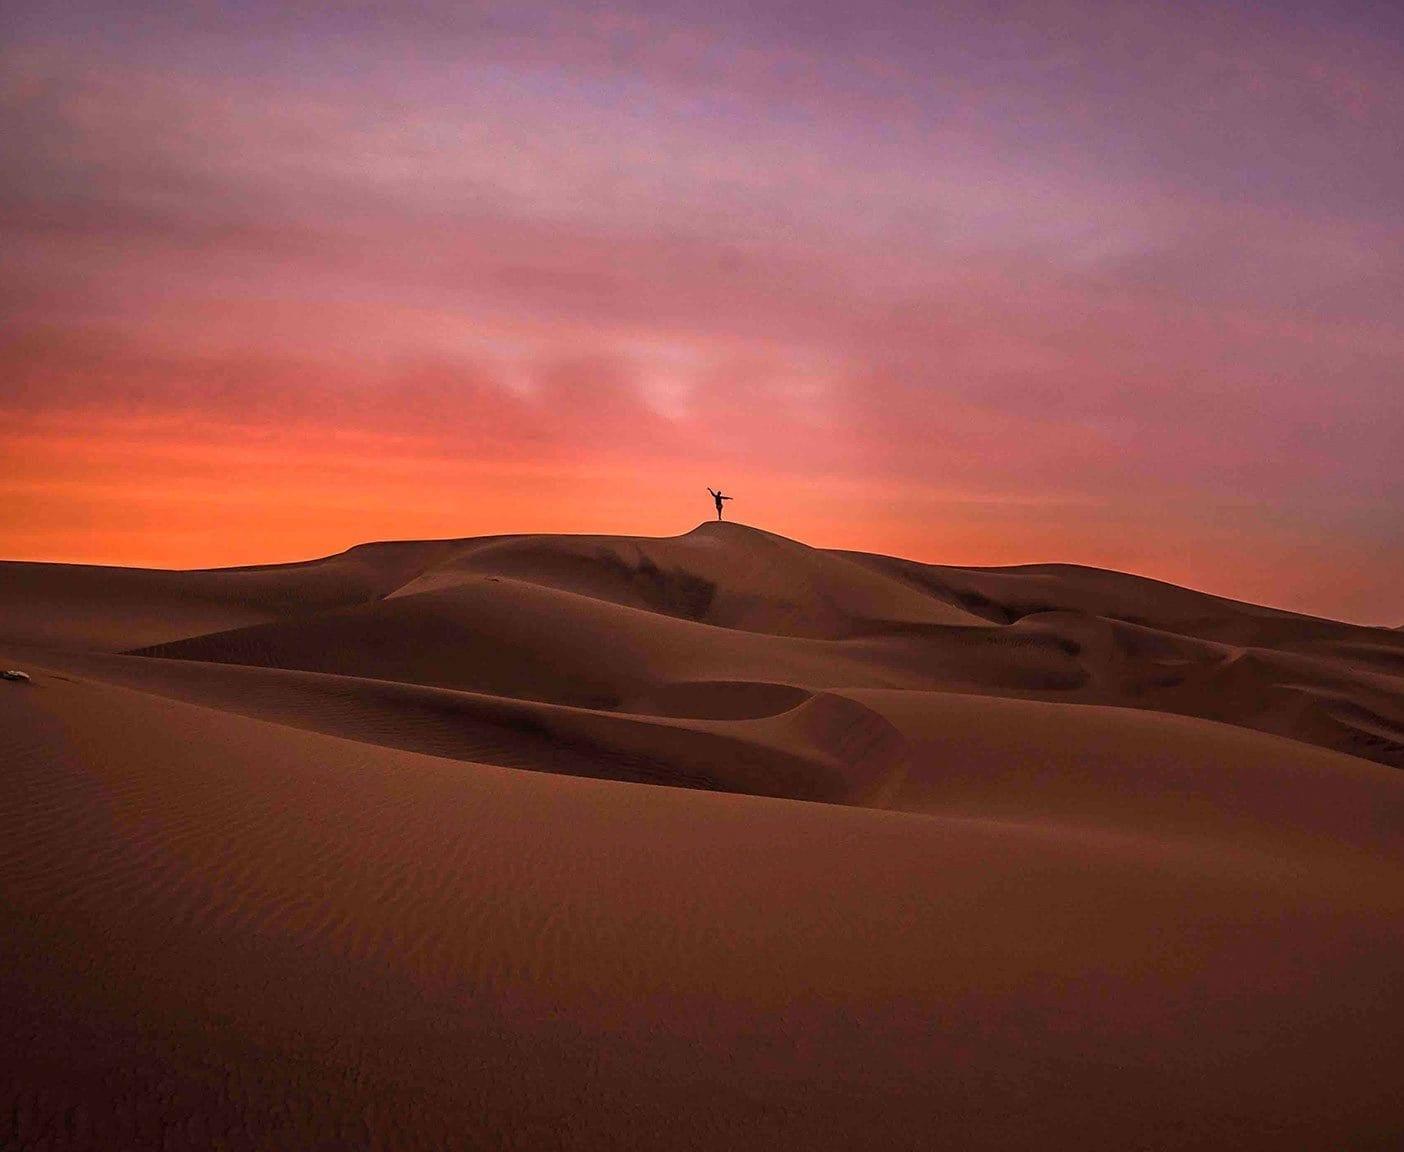 white-spot-film-reisedokumentation-desert